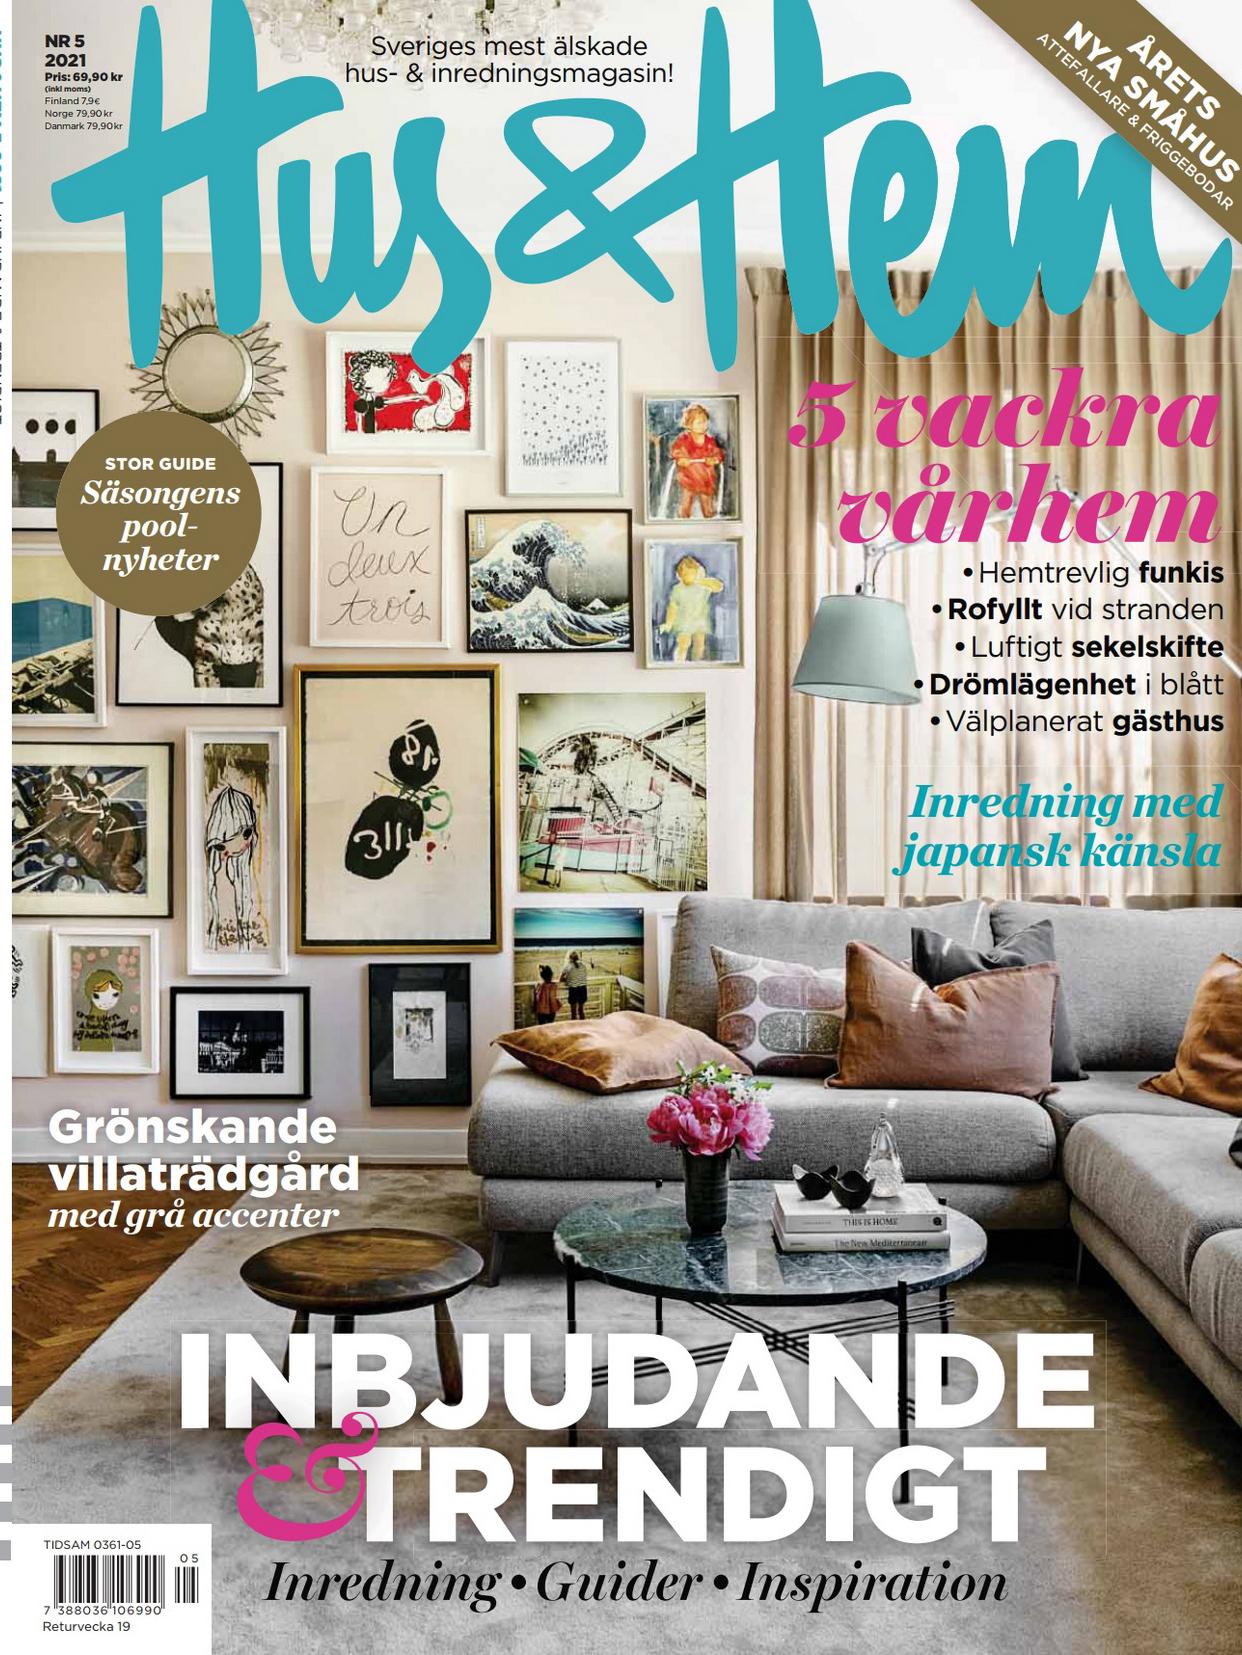 《Hus & Hem》瑞典室内设计趋势杂志2021年05月号